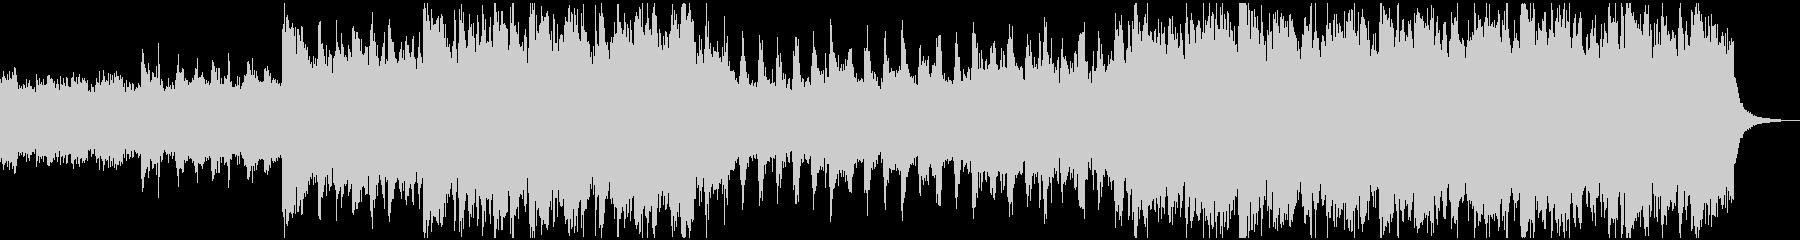 暗くゴシックな雰囲気のオルガンBGMの未再生の波形